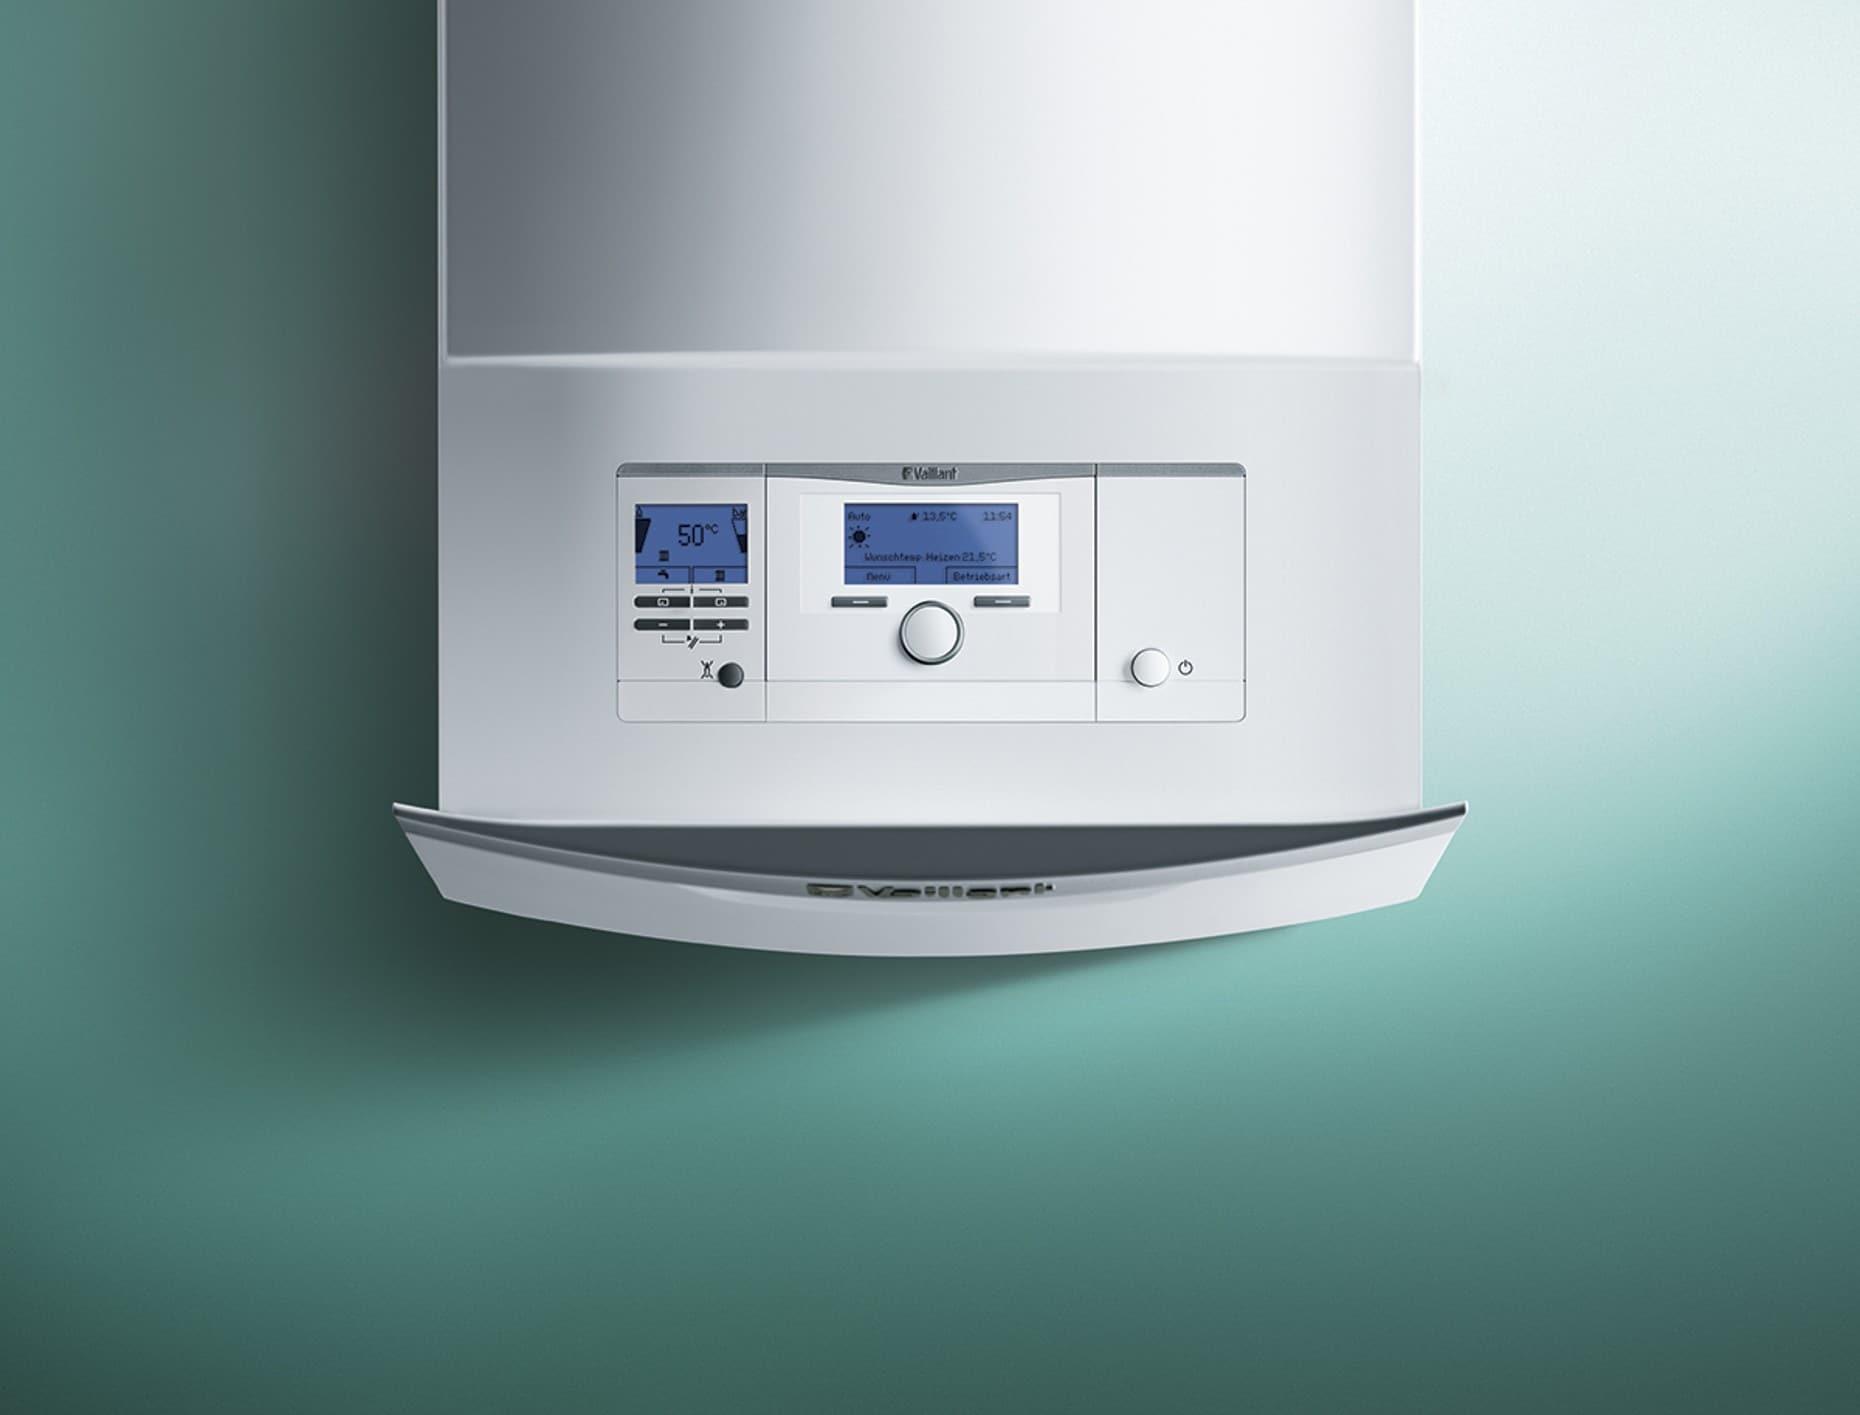 ¿Cómo funciona una caldera de condensación de gas Vaillant?